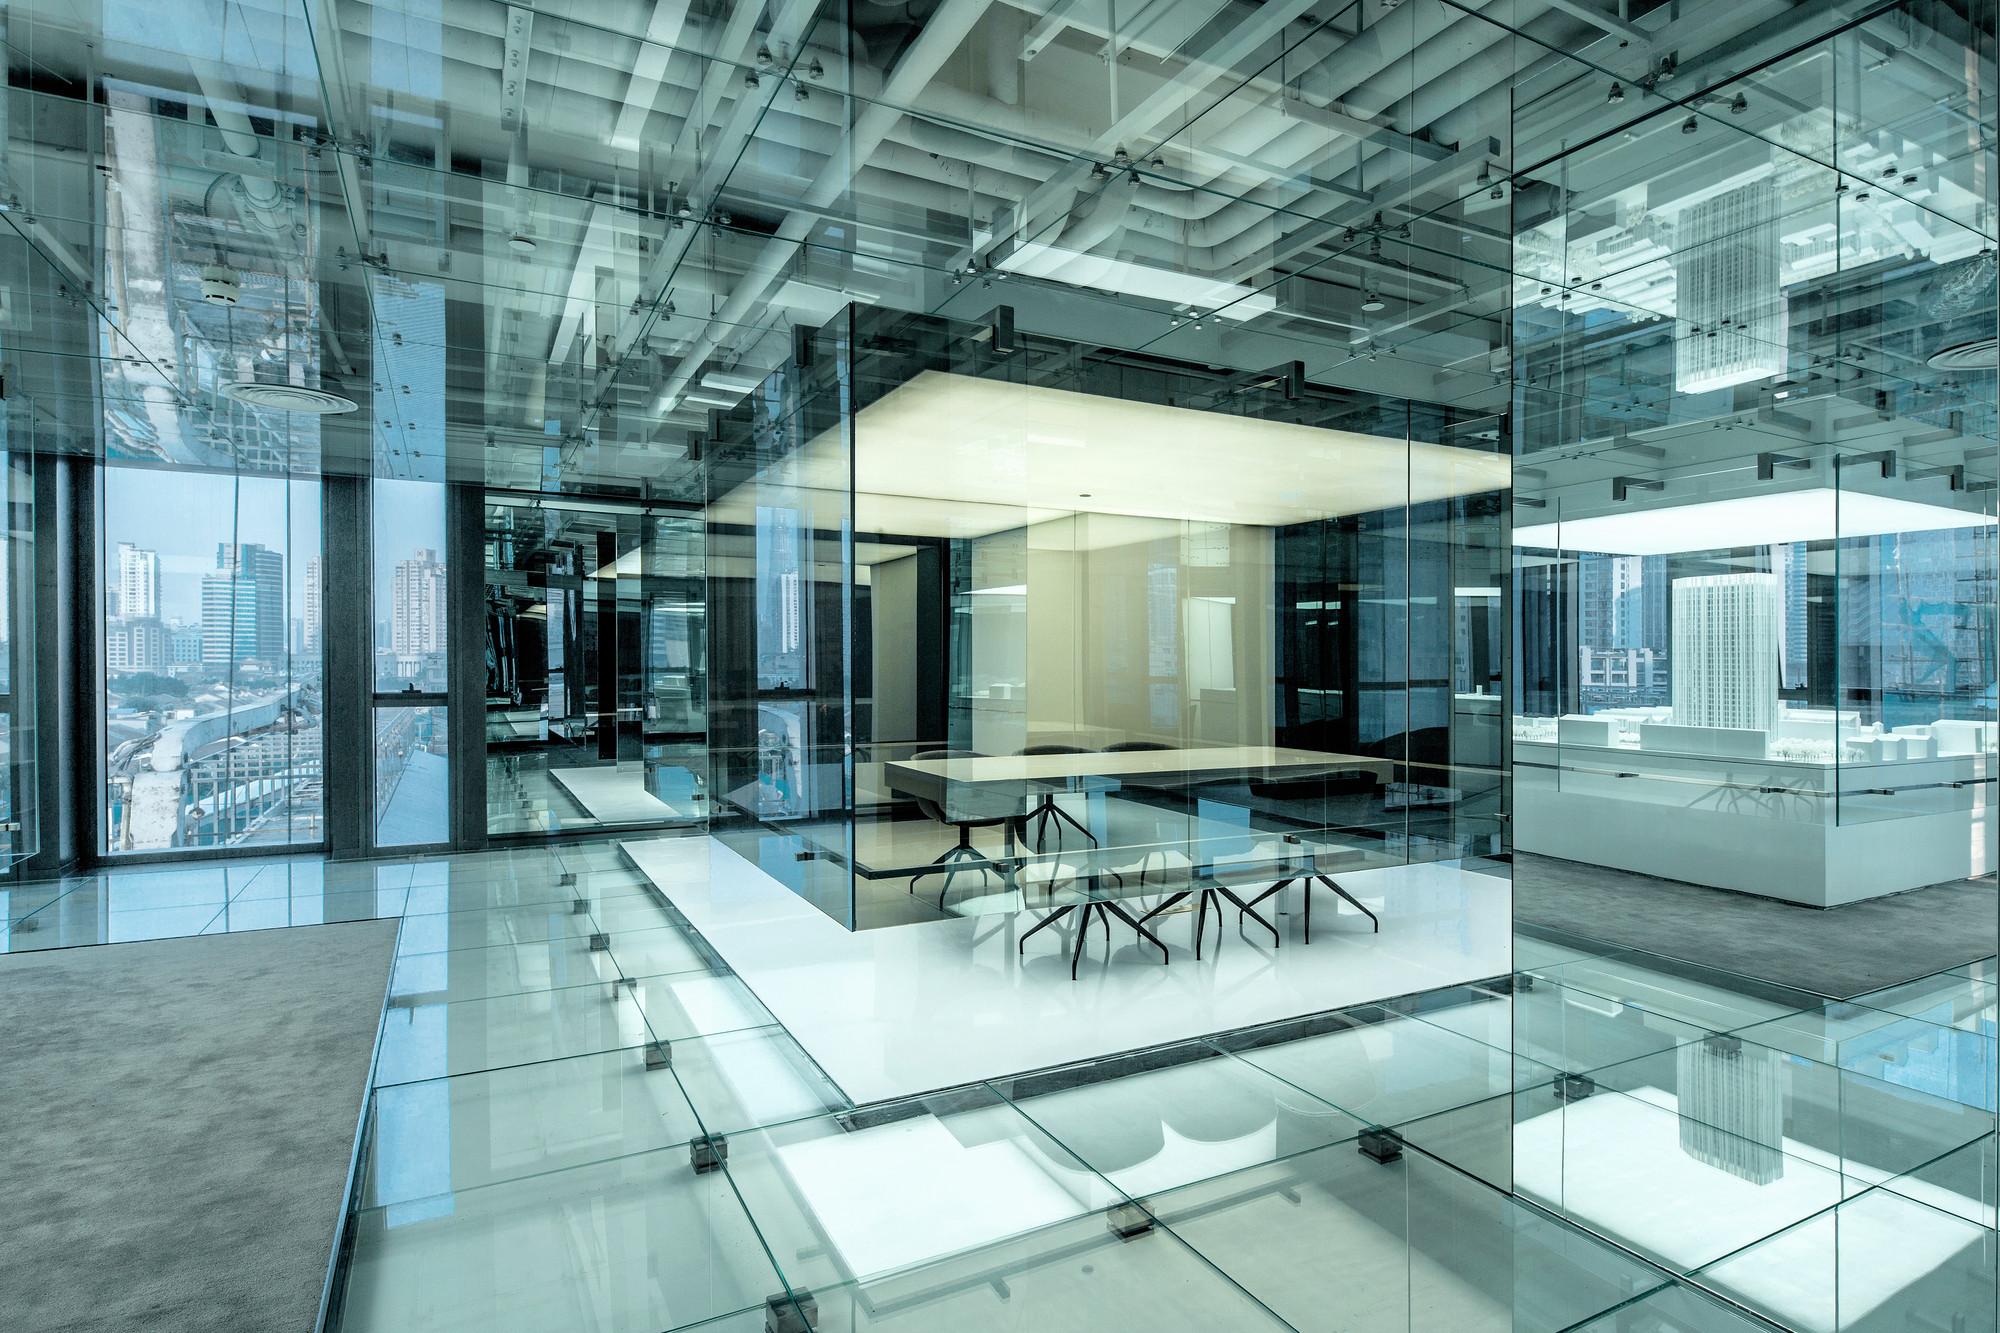 Применение стекла в современном дизайне интерьеров